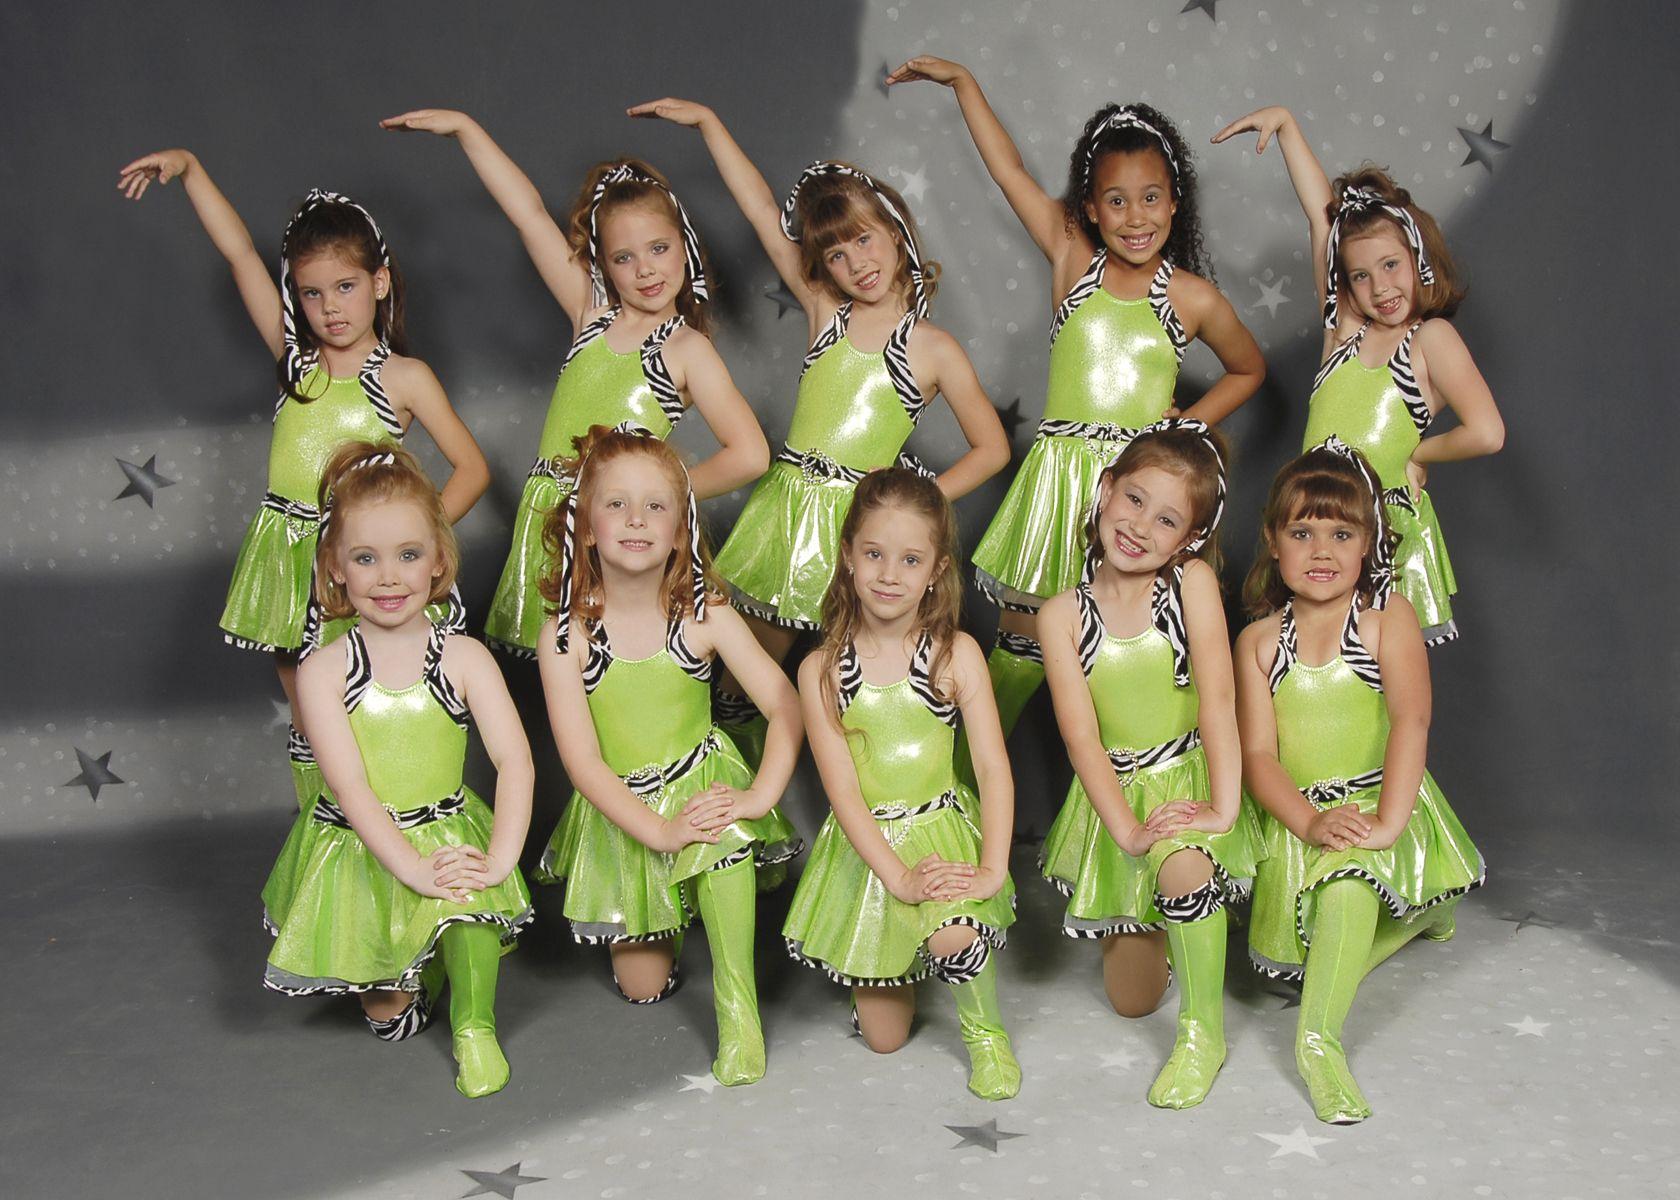 Dance classes dance poses dance photo shoot ballet dancers